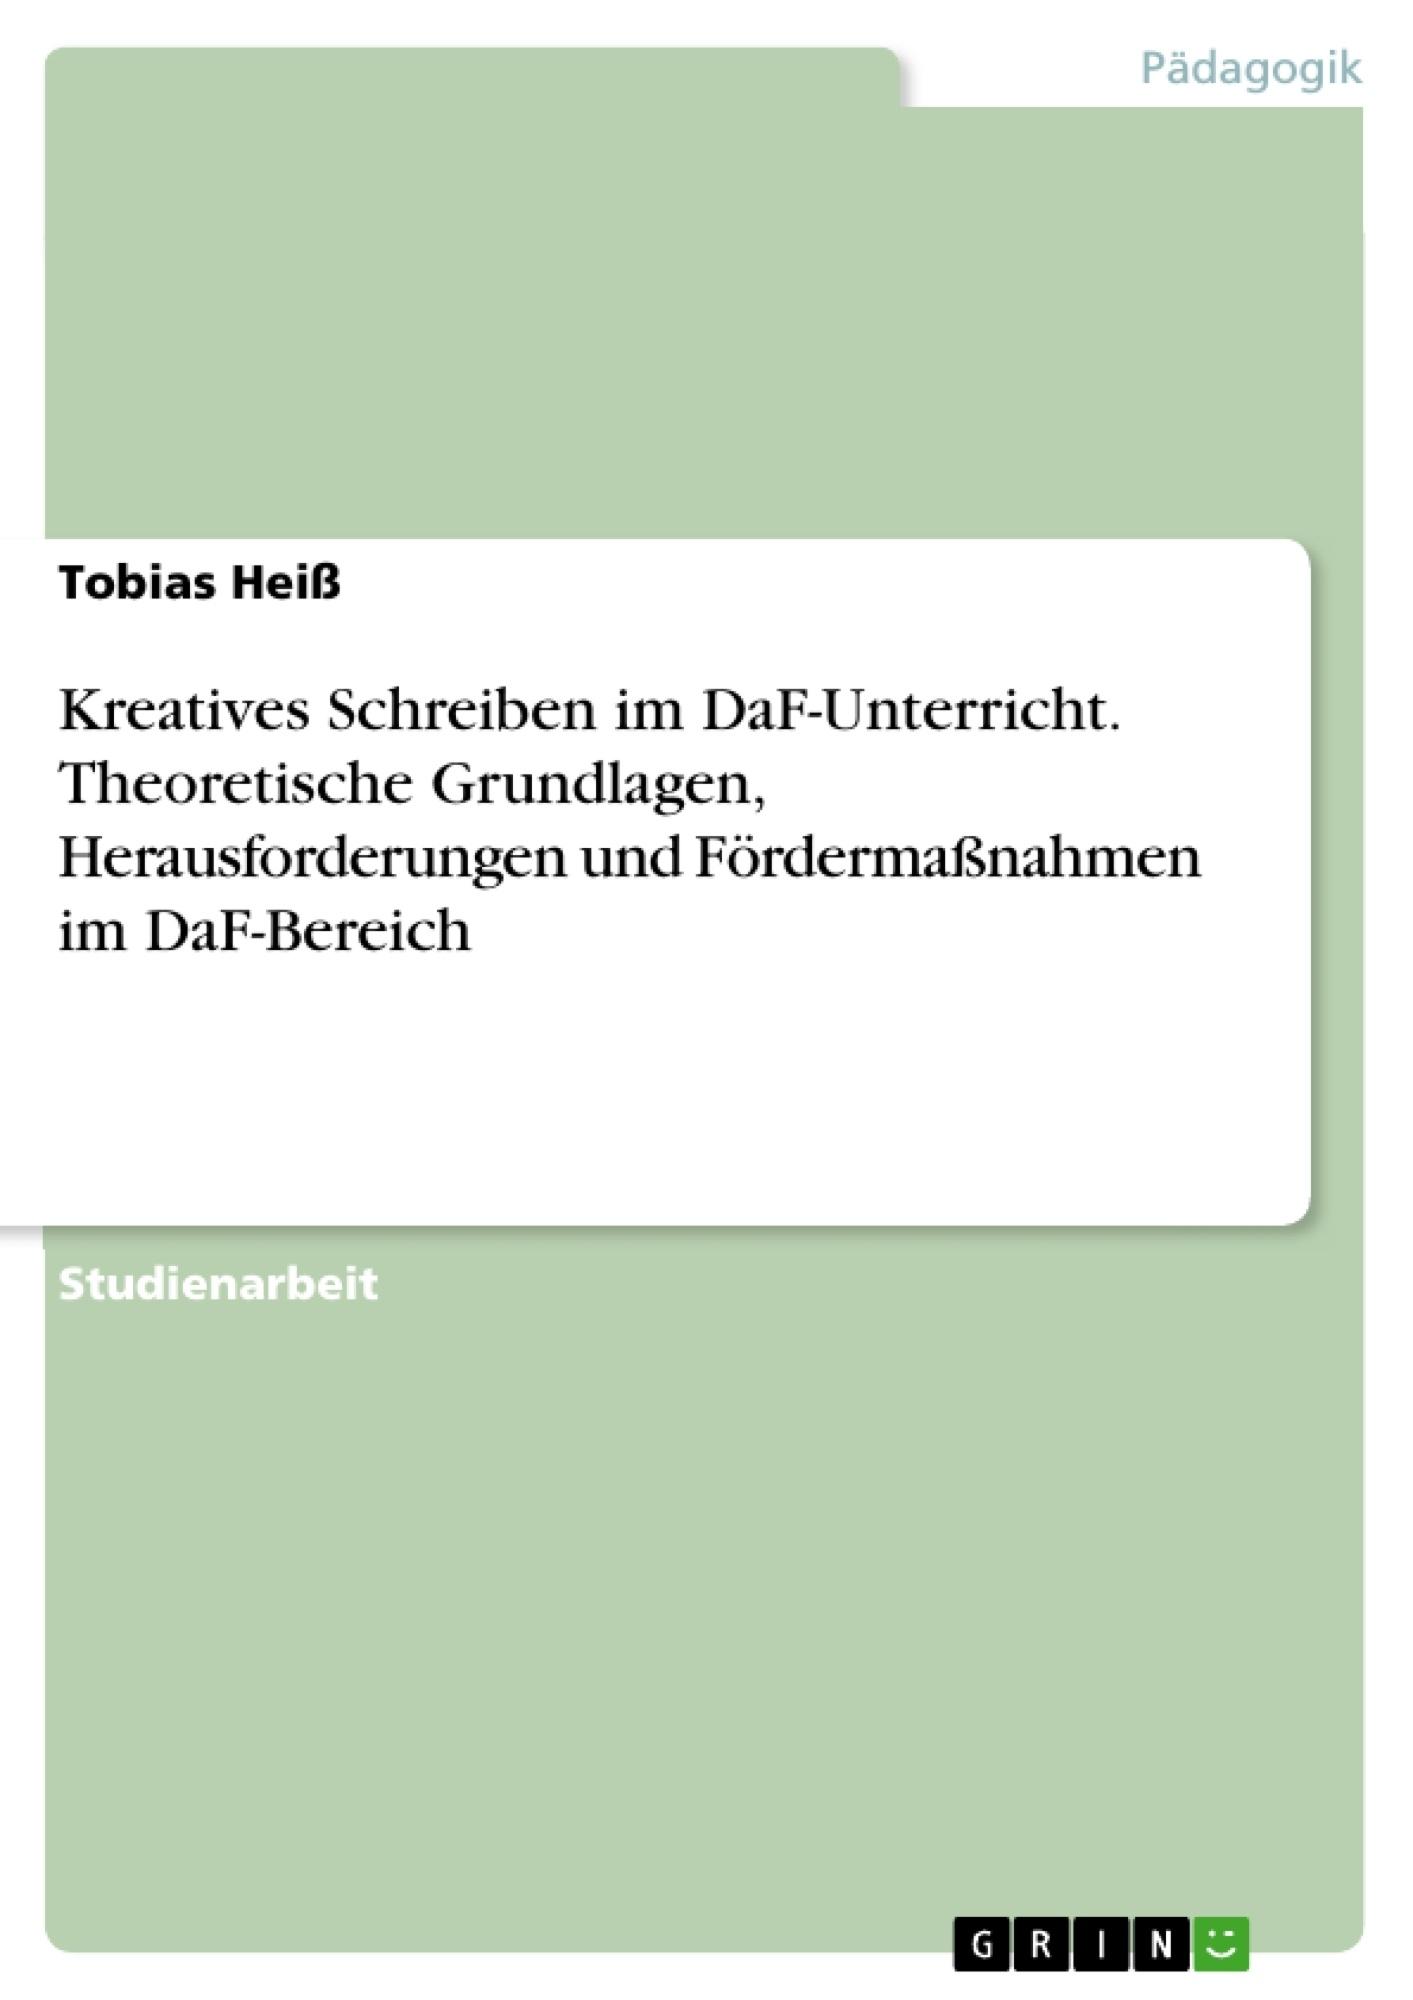 Titel: Kreatives Schreiben im DaF-Unterricht. Theoretische Grundlagen, Herausforderungen und Fördermaßnahmen im DaF-Bereich